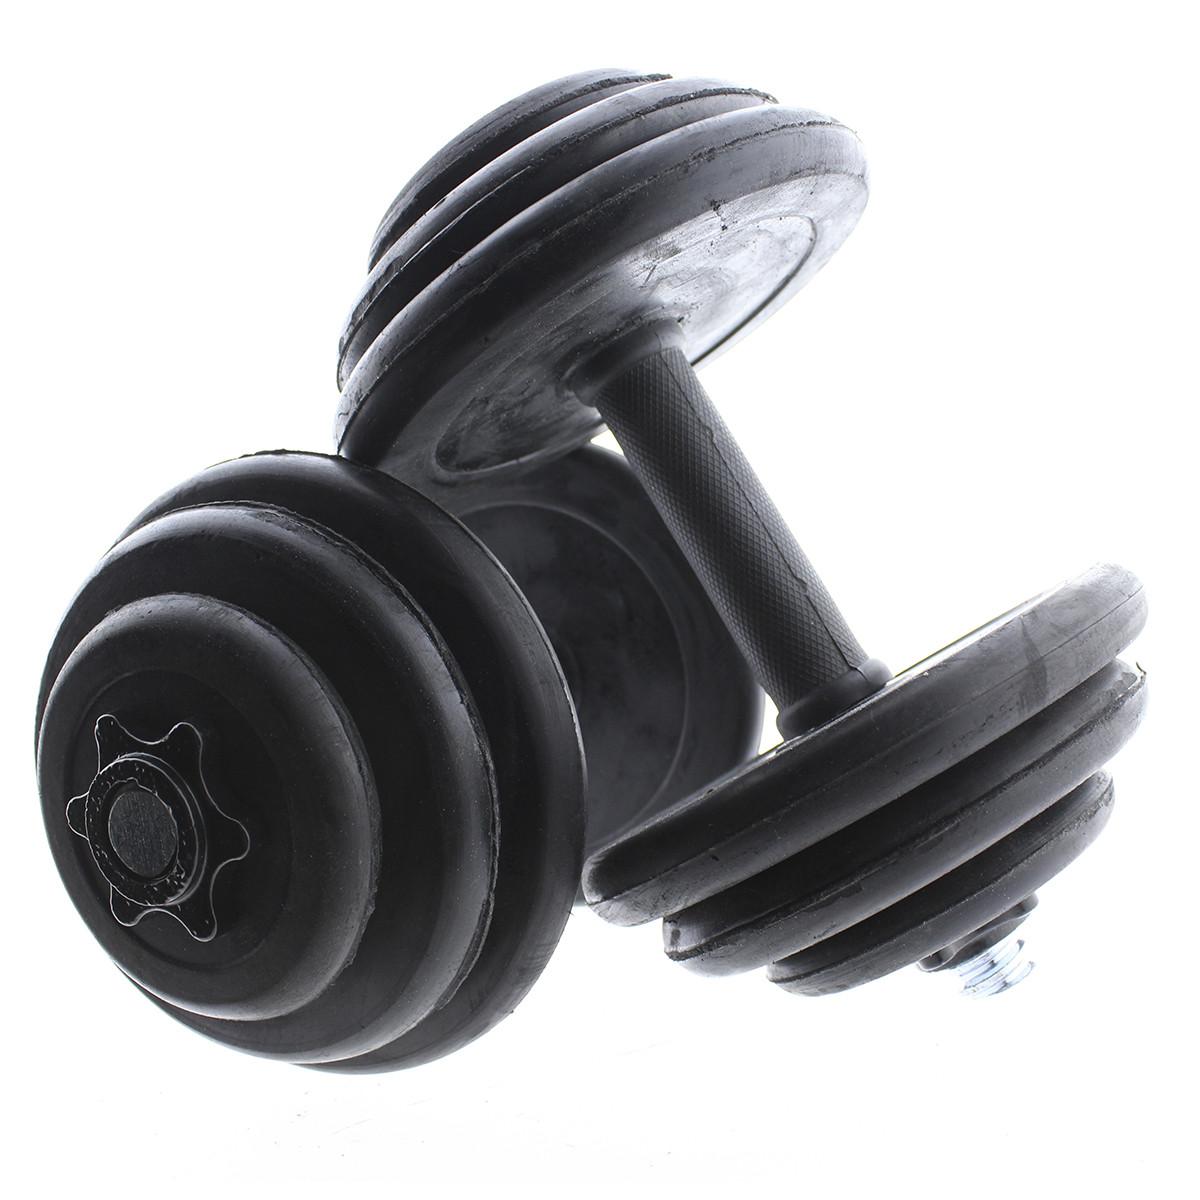 Set-de-mancuernas-ajustables-Negras-con-discos-de-Goma-10kg-12kg-15kg-20-k miniatura 14